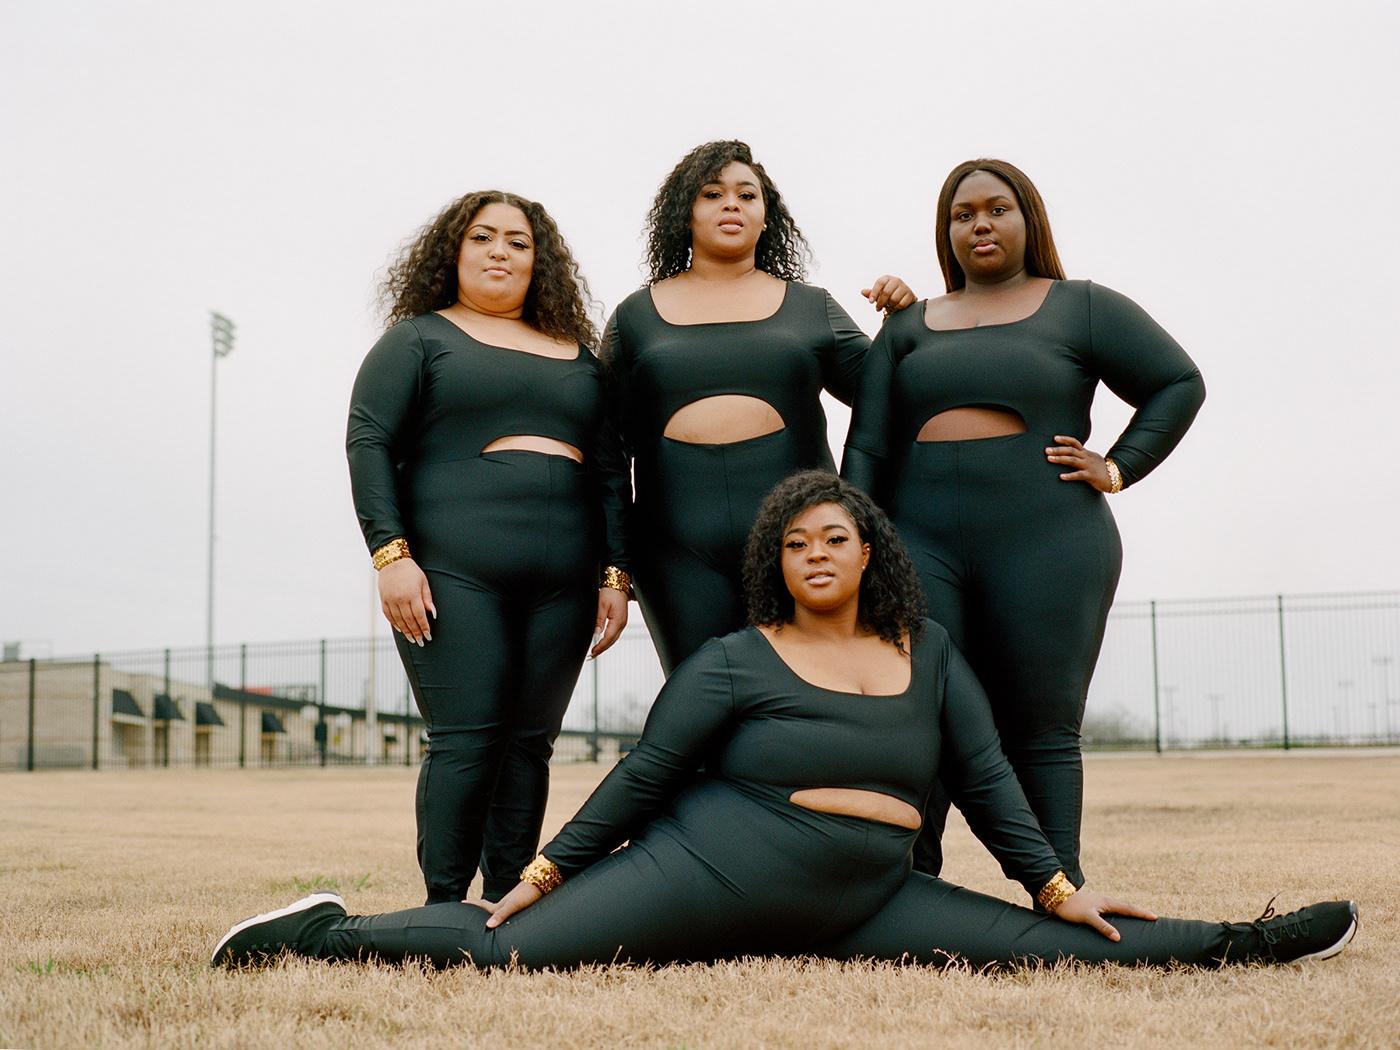 Nike Alabama State HoneyBeez Film   Documentary  body diversity Photography  DANCE   nike sportswear nike women